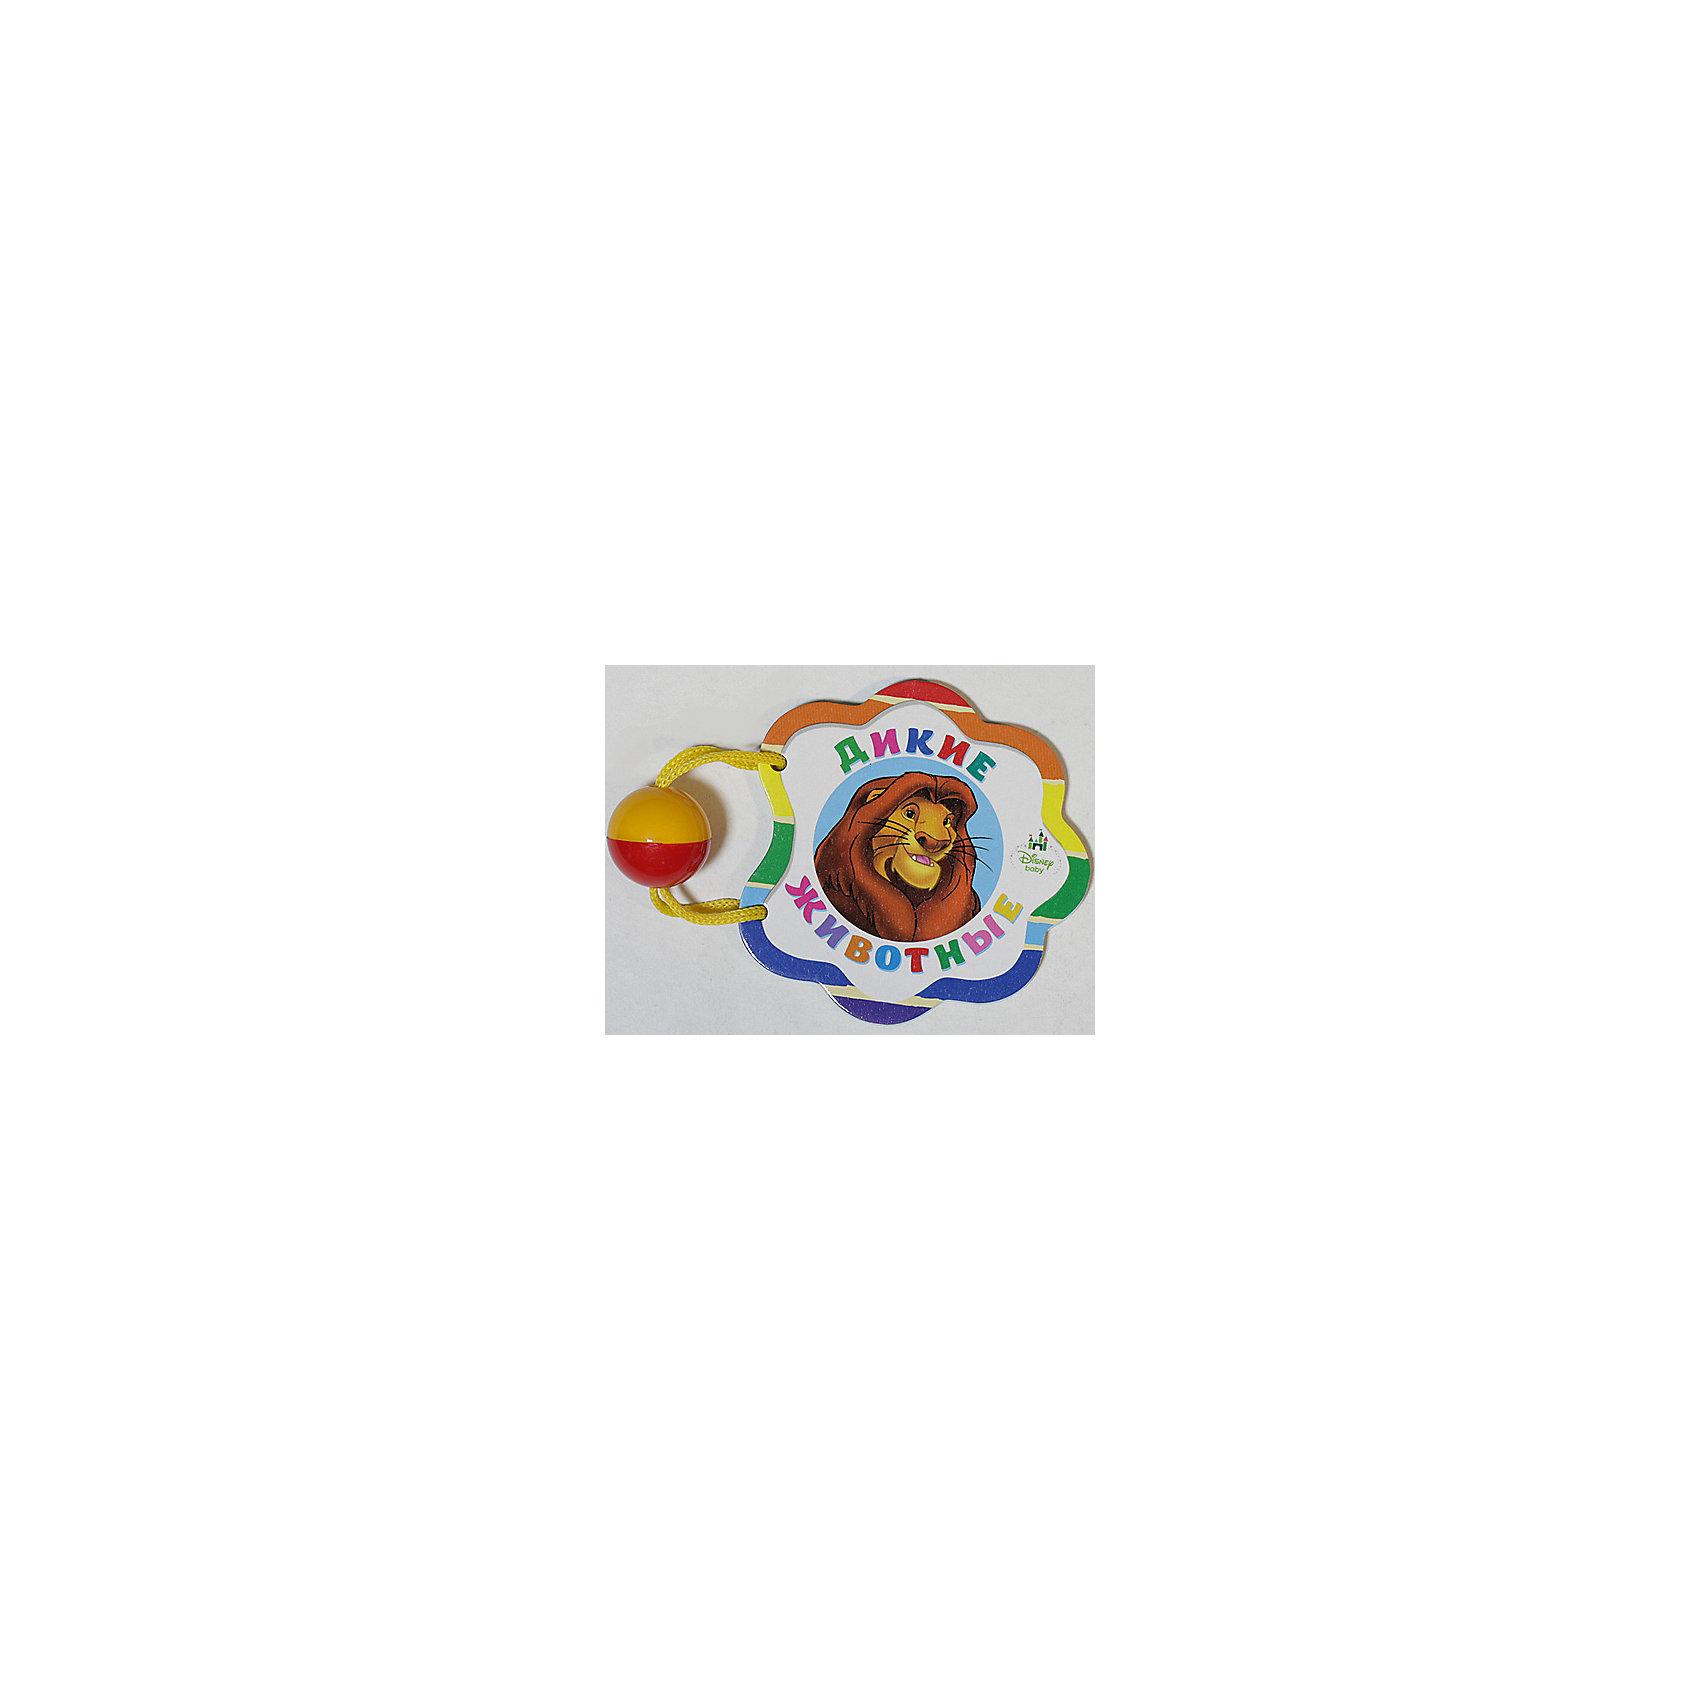 Погремушка Король лев, DisneyКороль Лев - уникальная игрушка для ребенка, состоящая из книжки с привлекательными картинками и веселой погремушки. С ее помощью кроха сделает первые шаги в увлекательный мир чтения. Подарите ребенку яркое и веселое детство с любимыми героями Disney!<br>Дополнительная информация:<br>Издательство: Проф-Пресс<br>Год выпуска: 2016<br>Серия: DISNEY. КНИГА С ПОГРЕМУШКОЙ <br>Обложка: картон<br>Иллюстрации: цветные<br>Количество страниц: 10<br>ISBN:978-5-378-18799-7<br>Размер: 17х0,7х20 см<br>Вес: 80 грамм<br>Книжку-погремушку Король Лев можно приобрести в нашем интернет-магазине.<br><br>Ширина мм: 200<br>Глубина мм: 7<br>Высота мм: 170<br>Вес г: 80<br>Возраст от месяцев: 0<br>Возраст до месяцев: 36<br>Пол: Унисекс<br>Возраст: Детский<br>SKU: 4905884